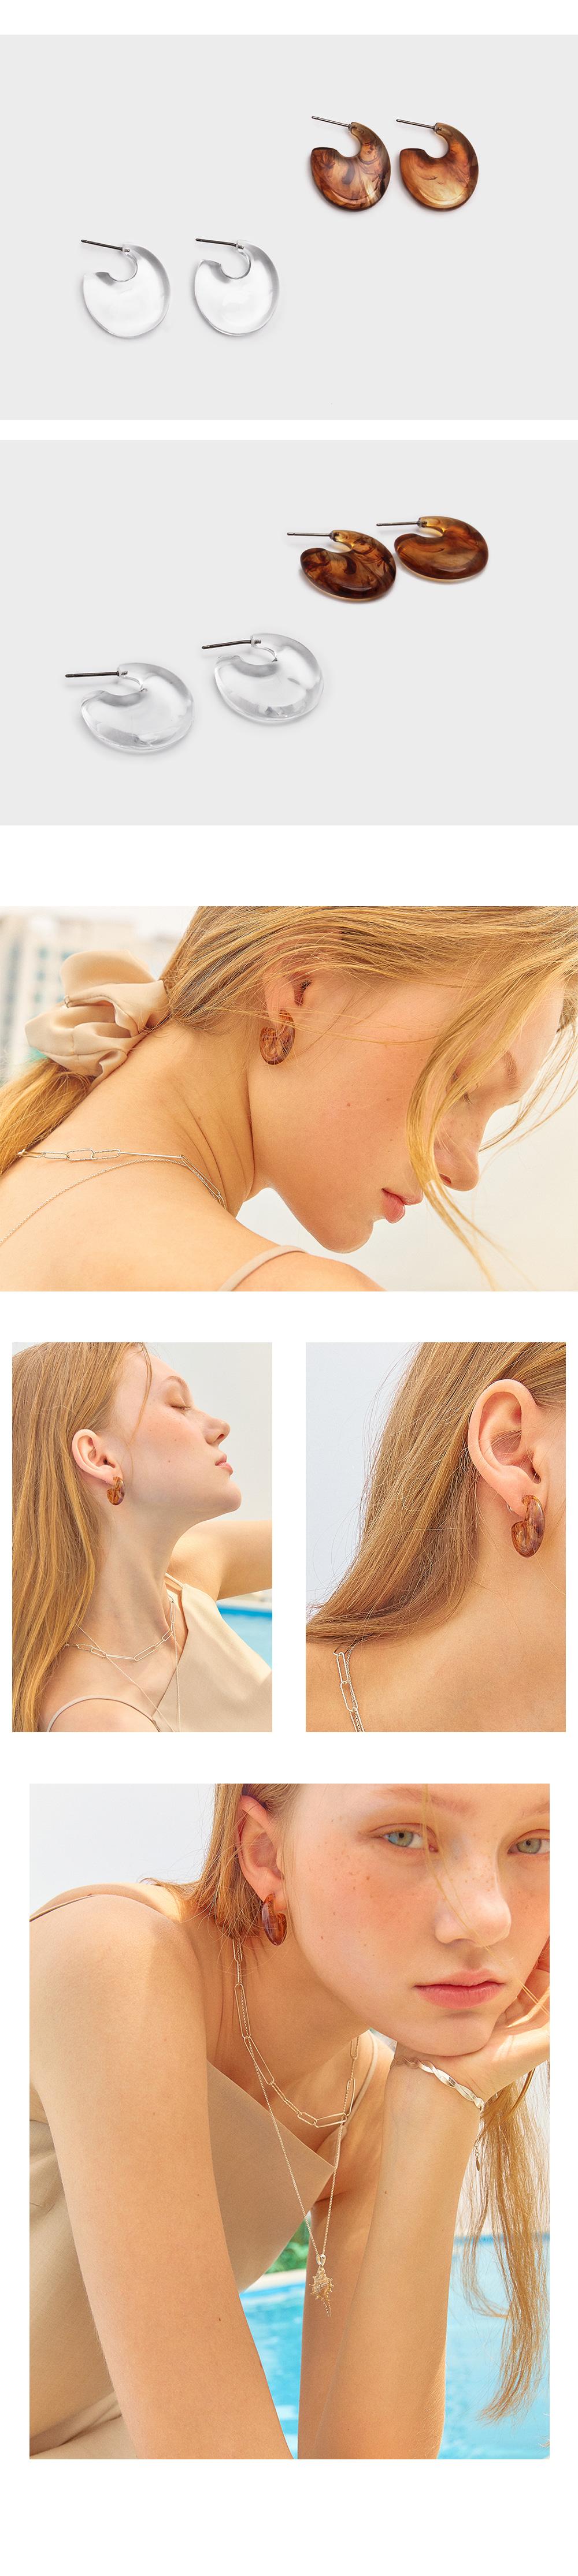 포스트루드(POSTLUDE) ACL ROUND EARRING (2 COLOR)